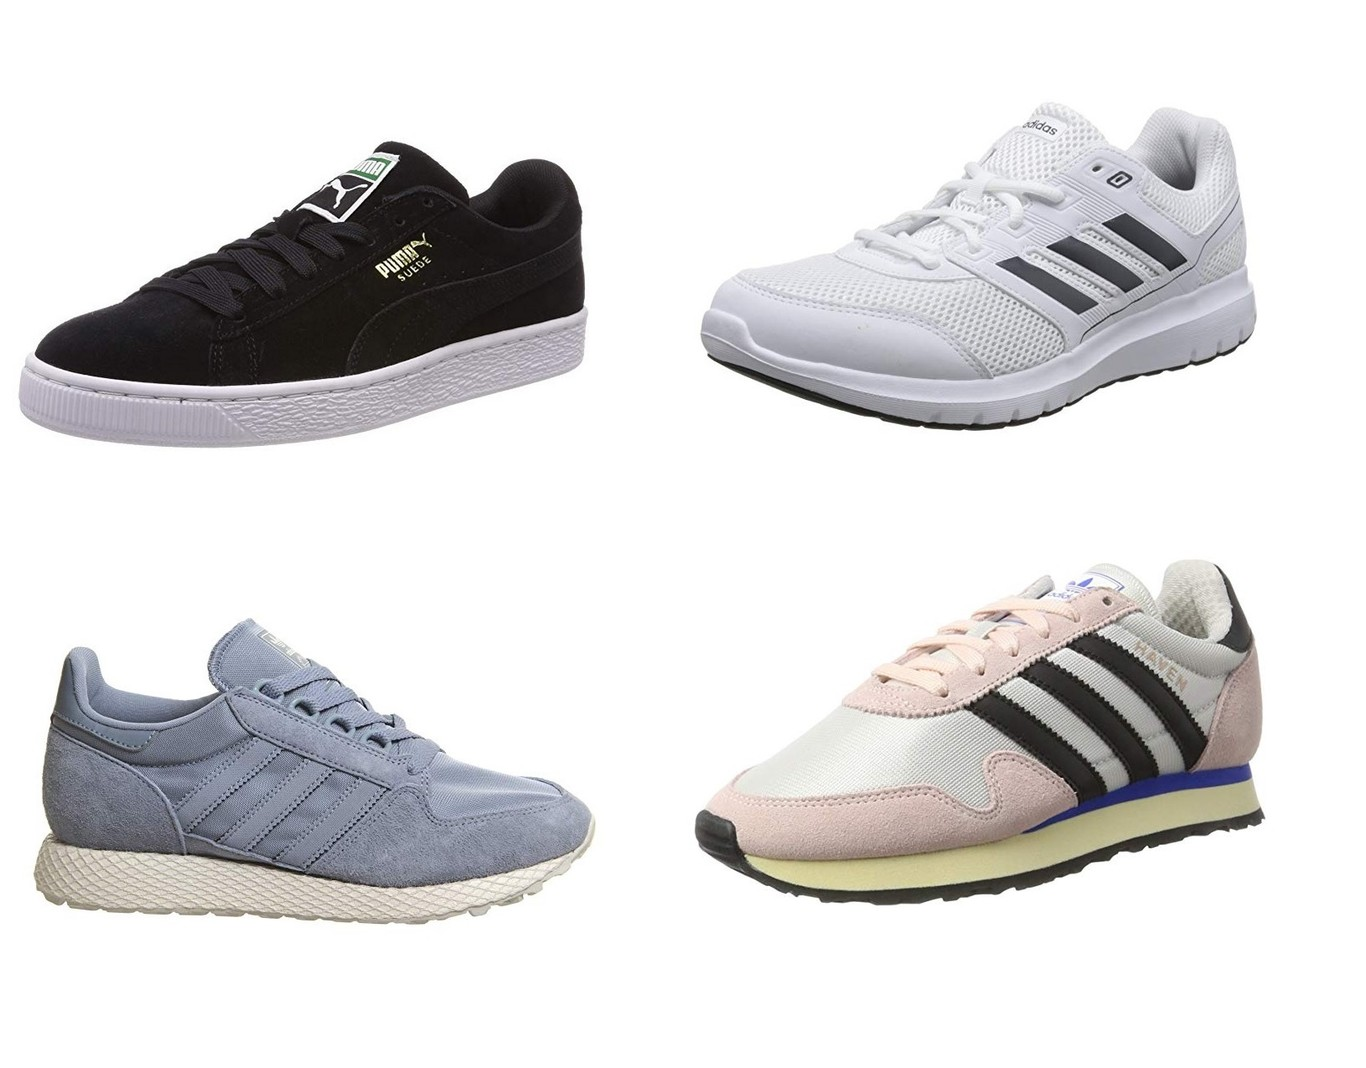 b677a1acc9c0 Chollos en zapatillas Adidas y Puma con tallas sueltas desde 22 euros en  Amazon